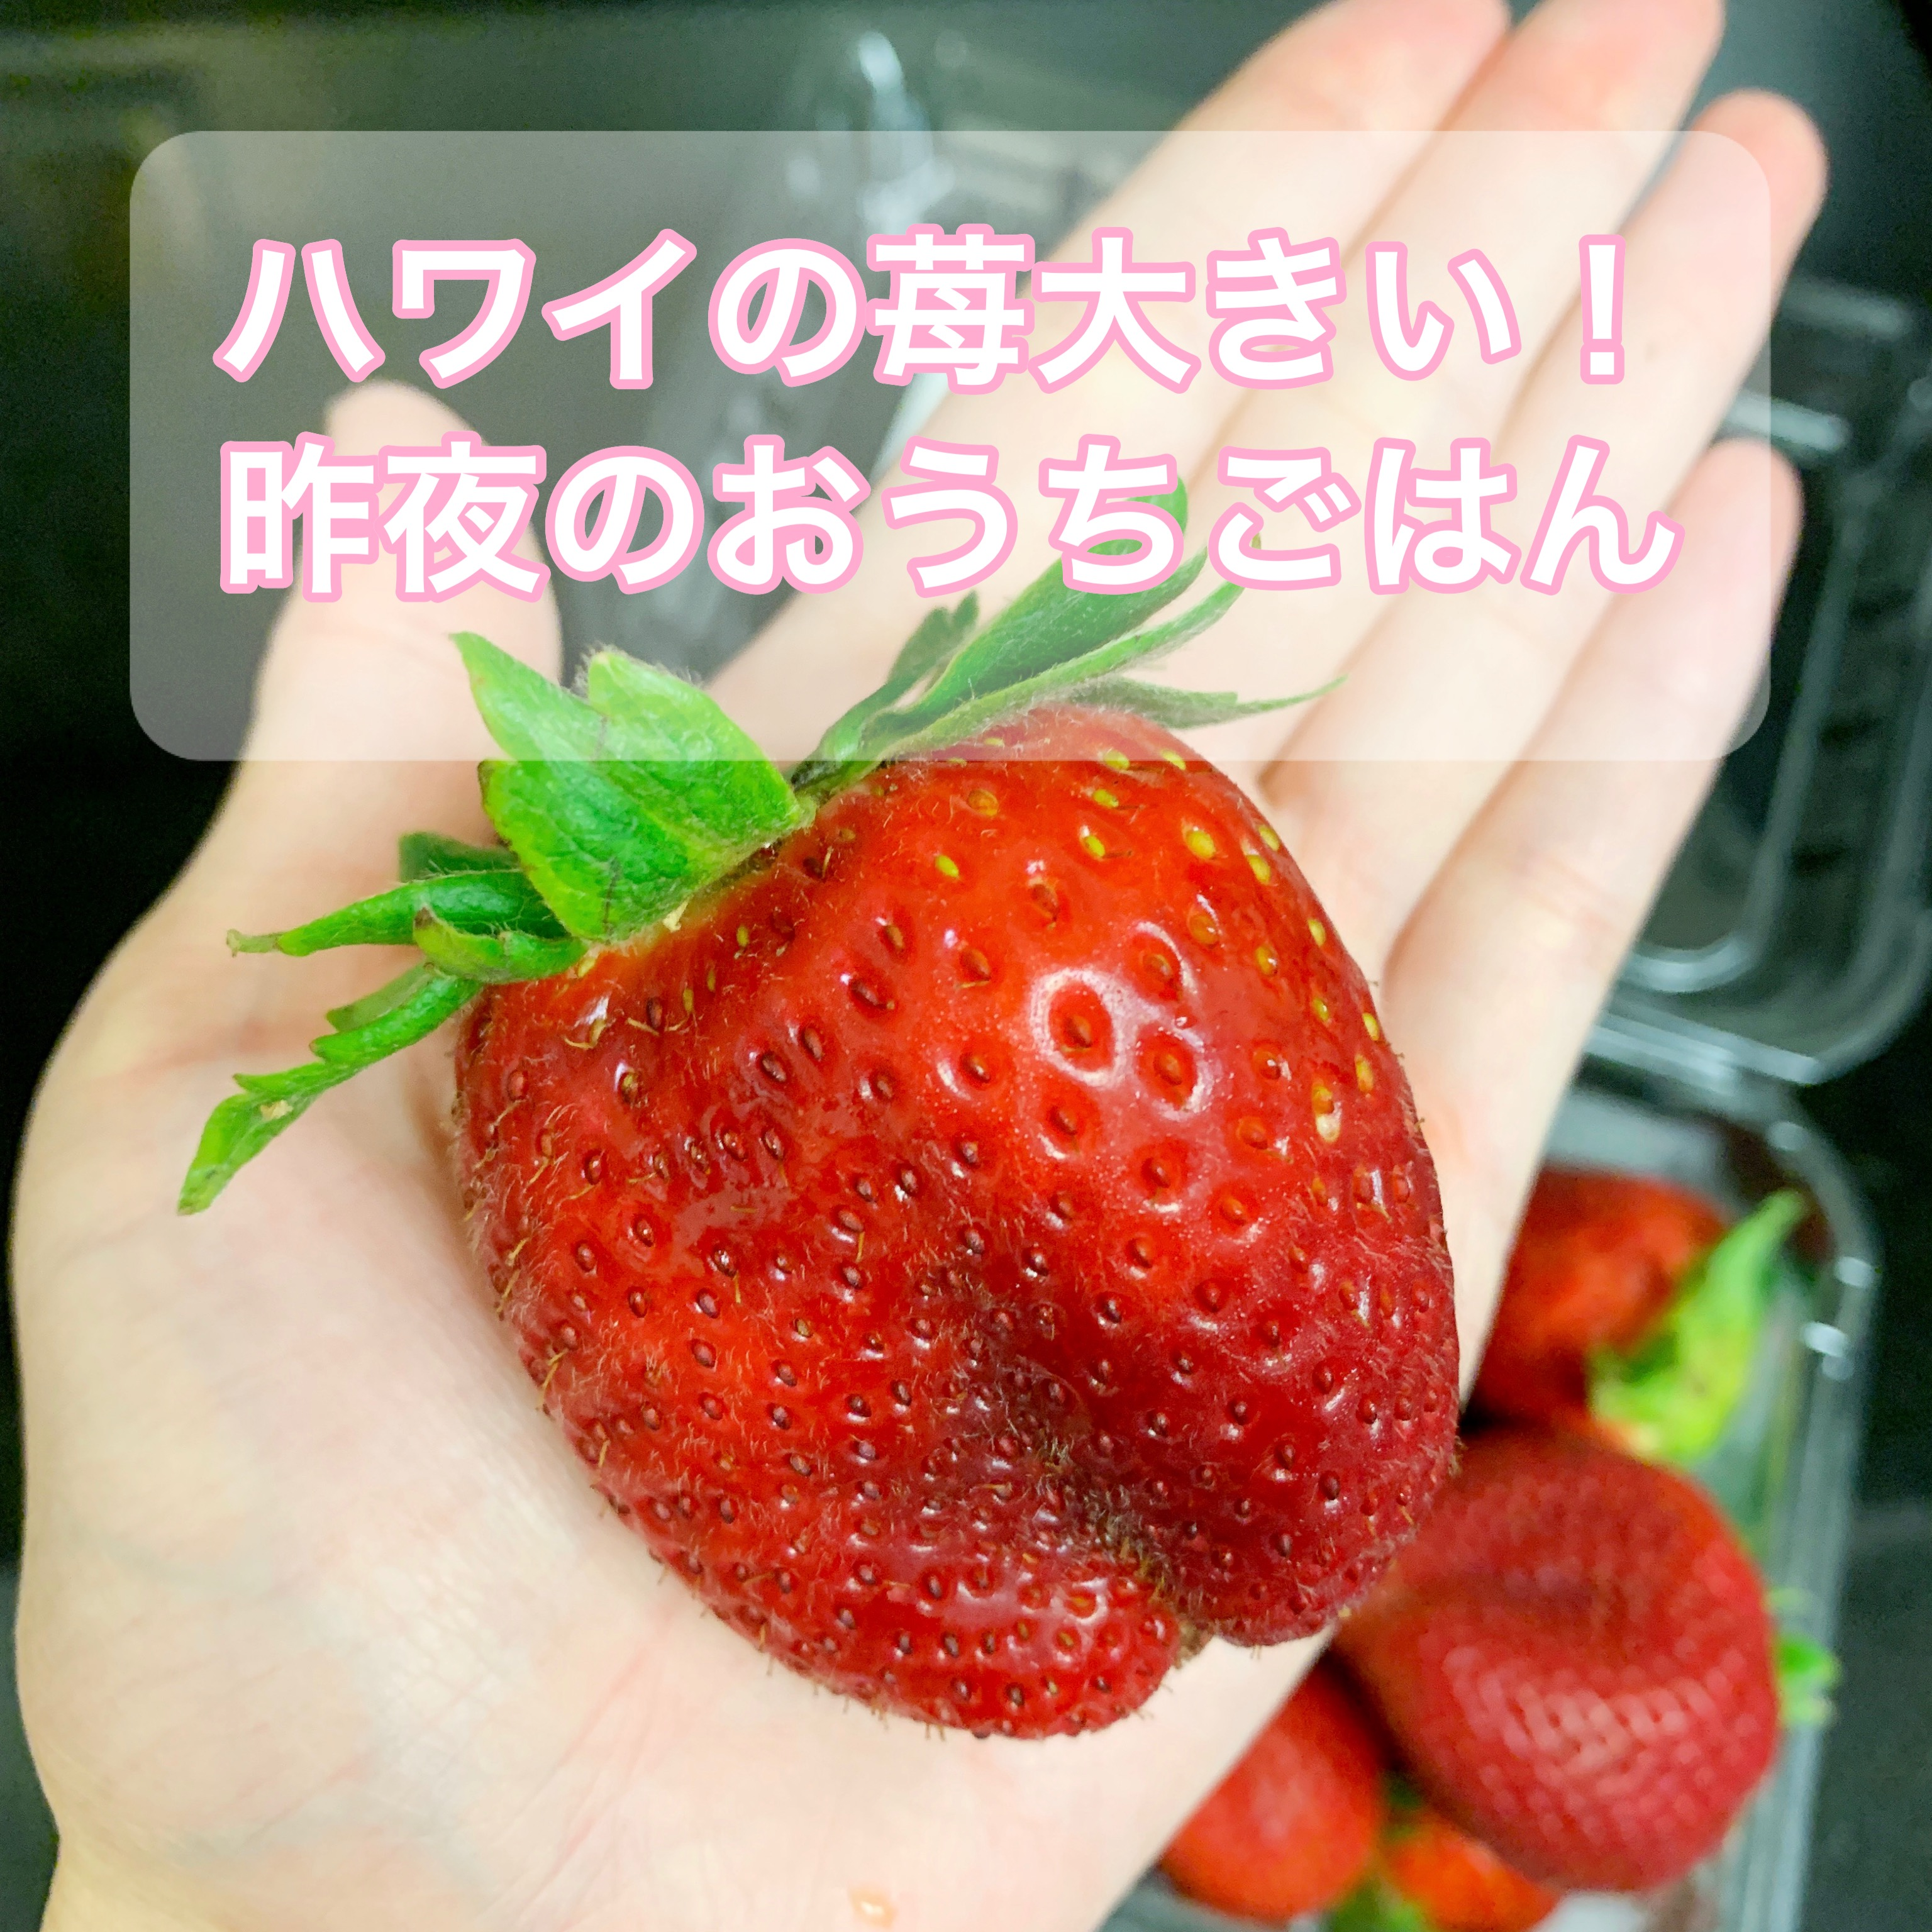 ハワイの苺大きい!昨夜のおうちご飯は…